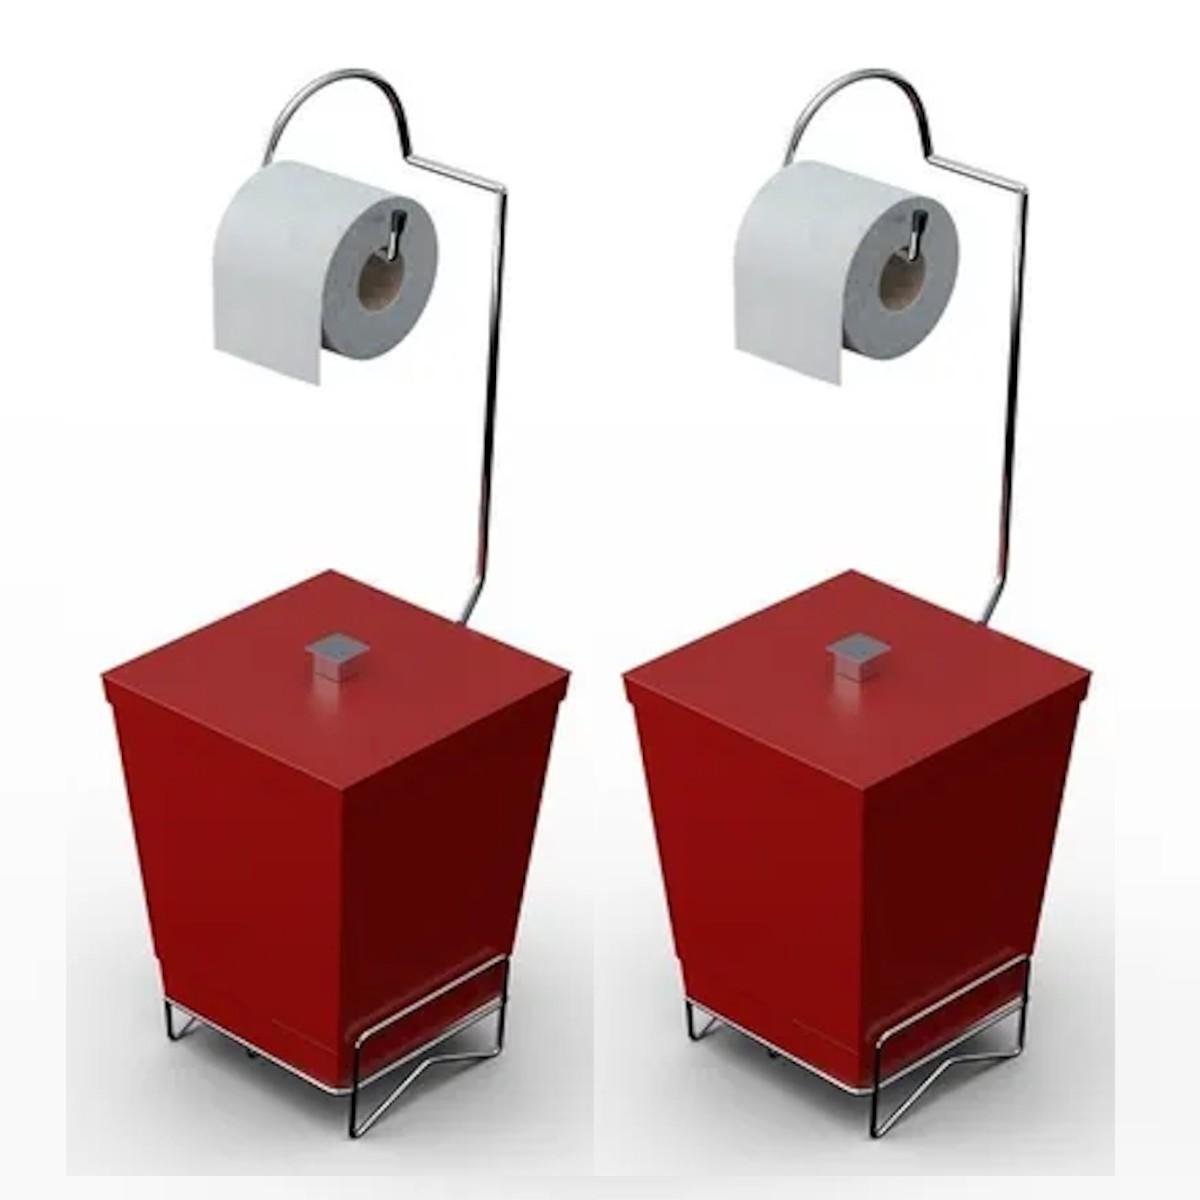 Kit 2 Lixeiras de Banheiro com Suporte p/ Papel Higiênico - Stolf